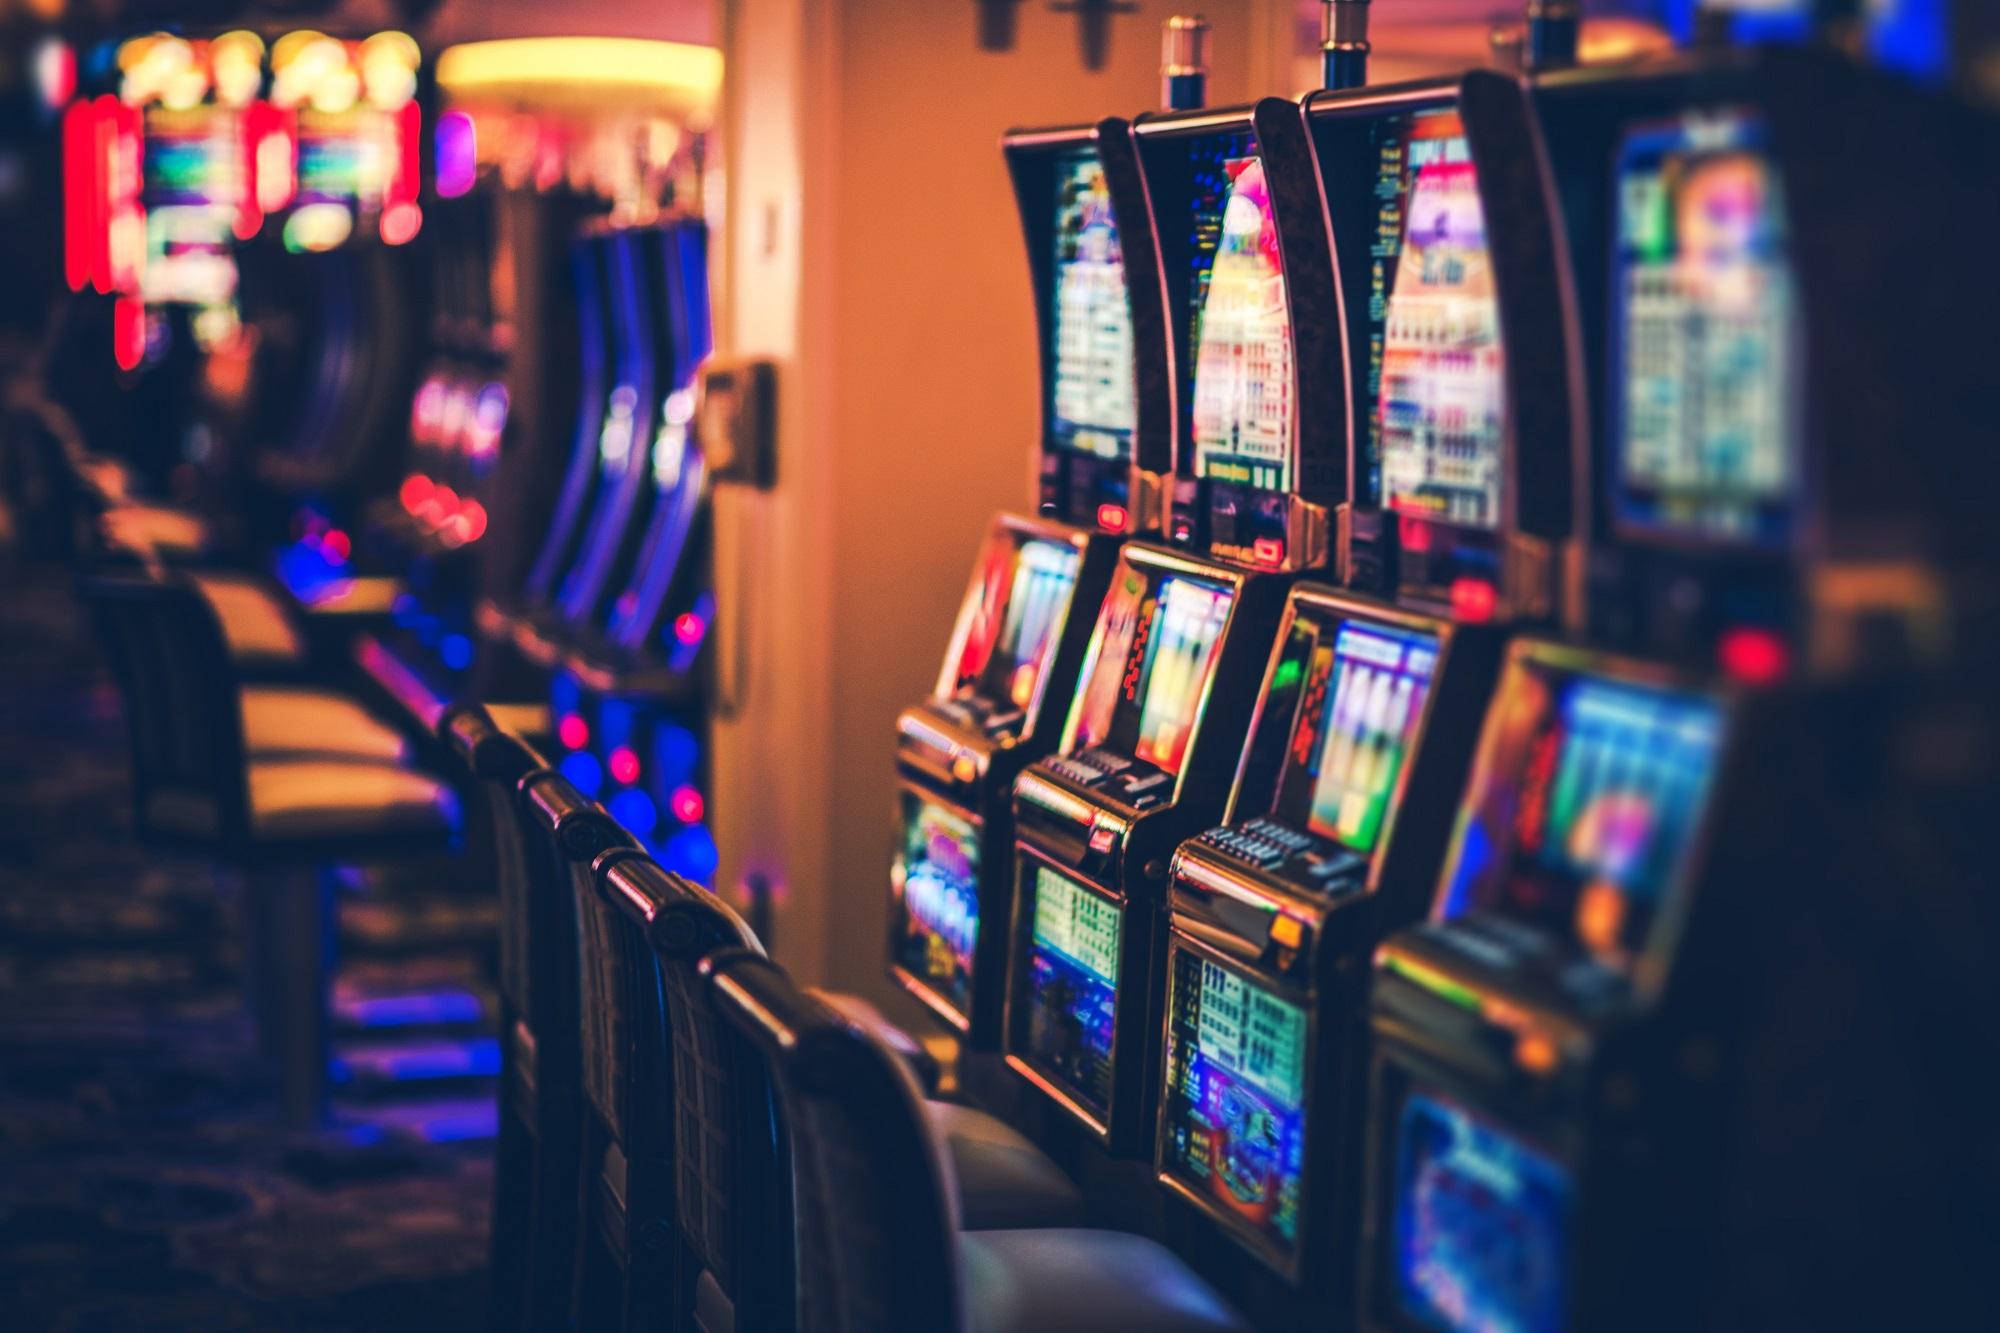 Играть онлайн в игровые автоматы бесплатно ⋆ Играть в слоты бесплатно